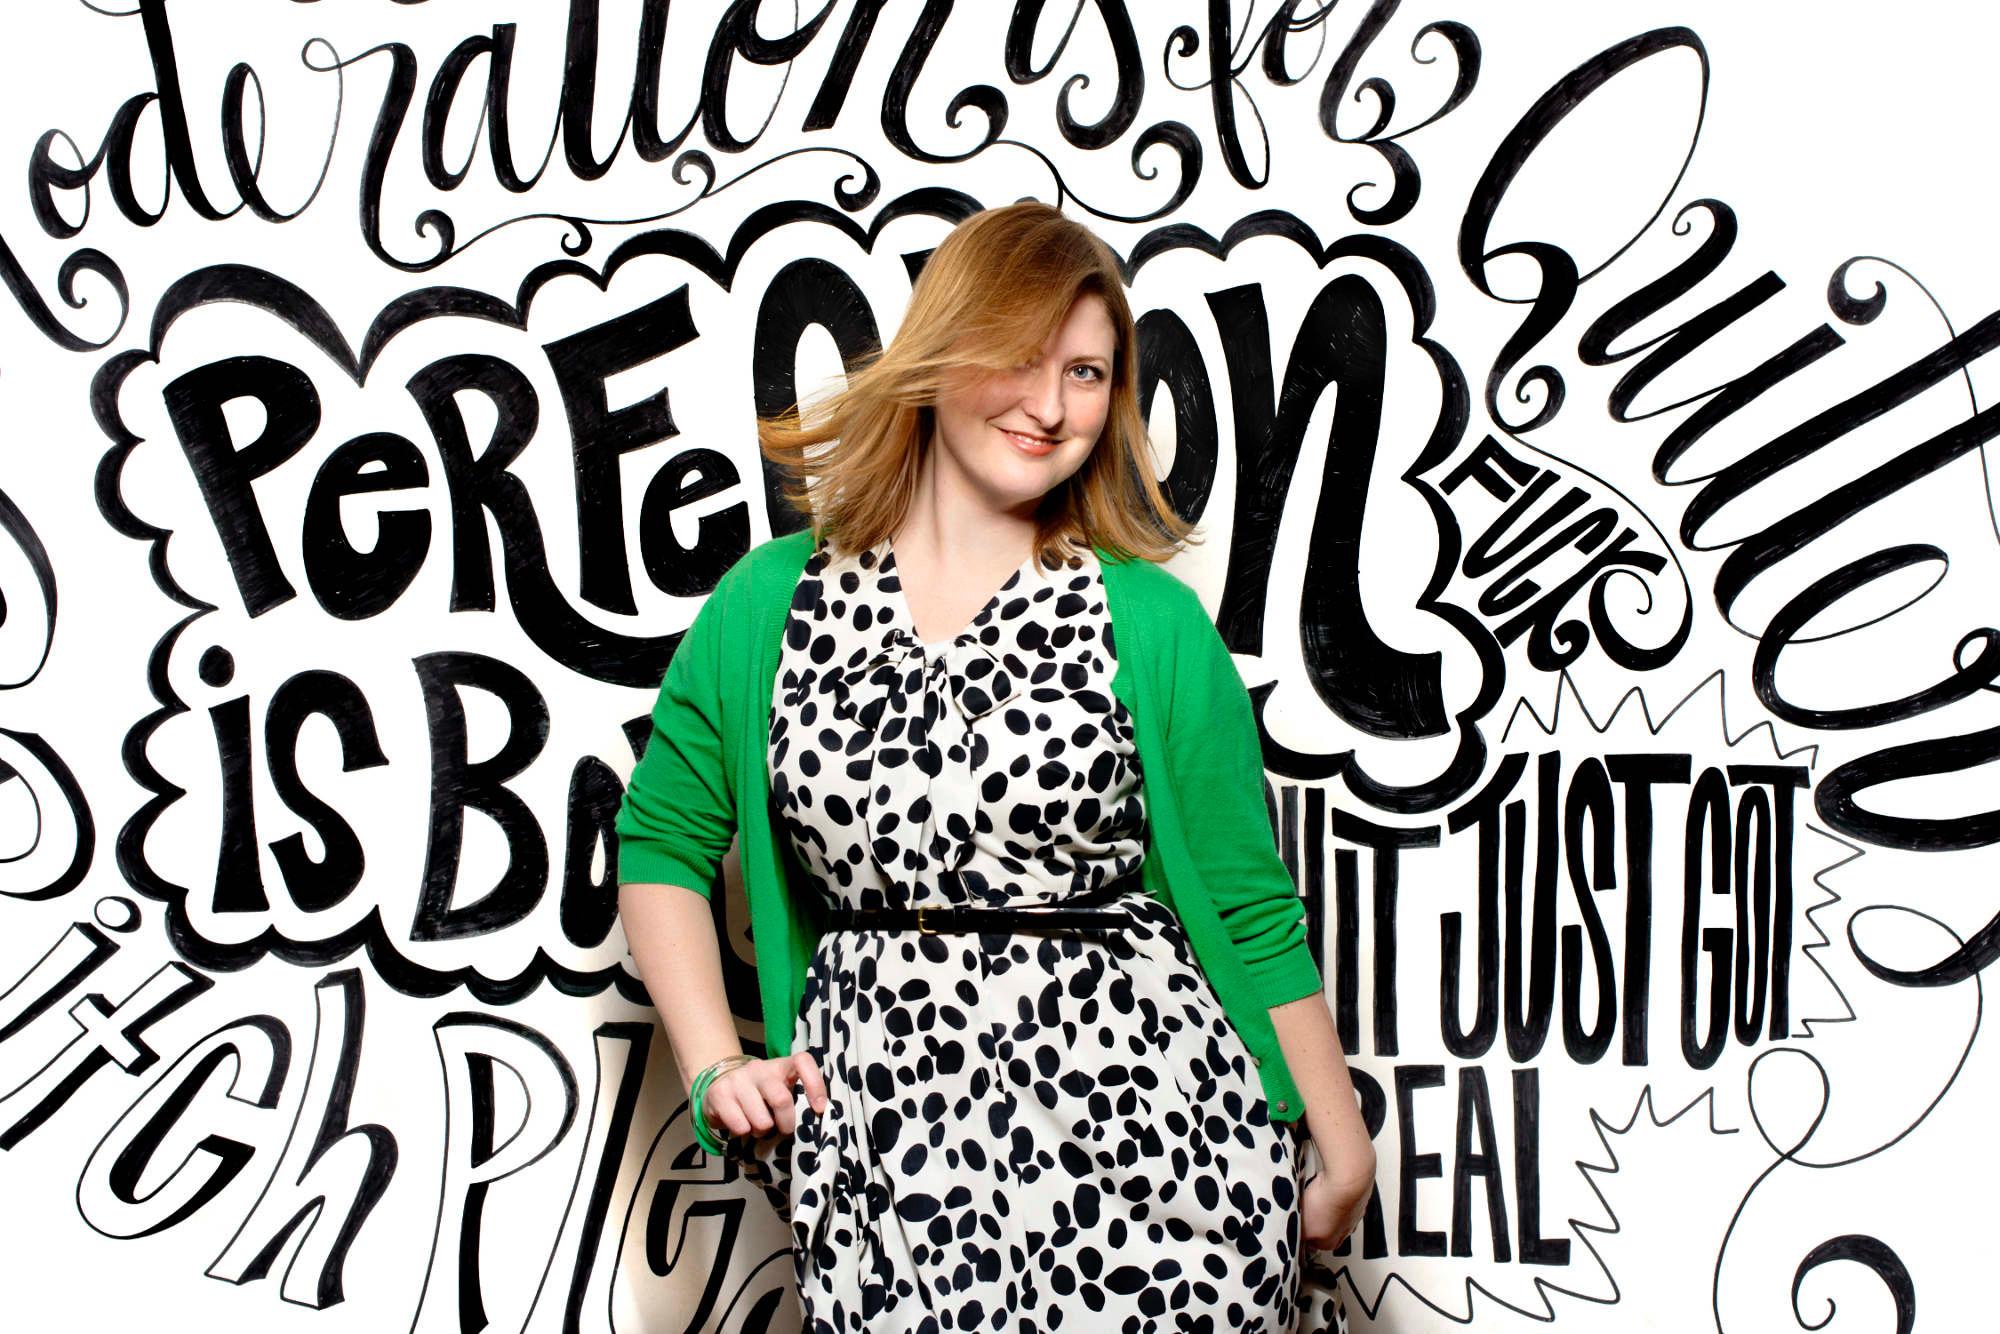 Carolyn Sewell, Designer, illustrator, letterer